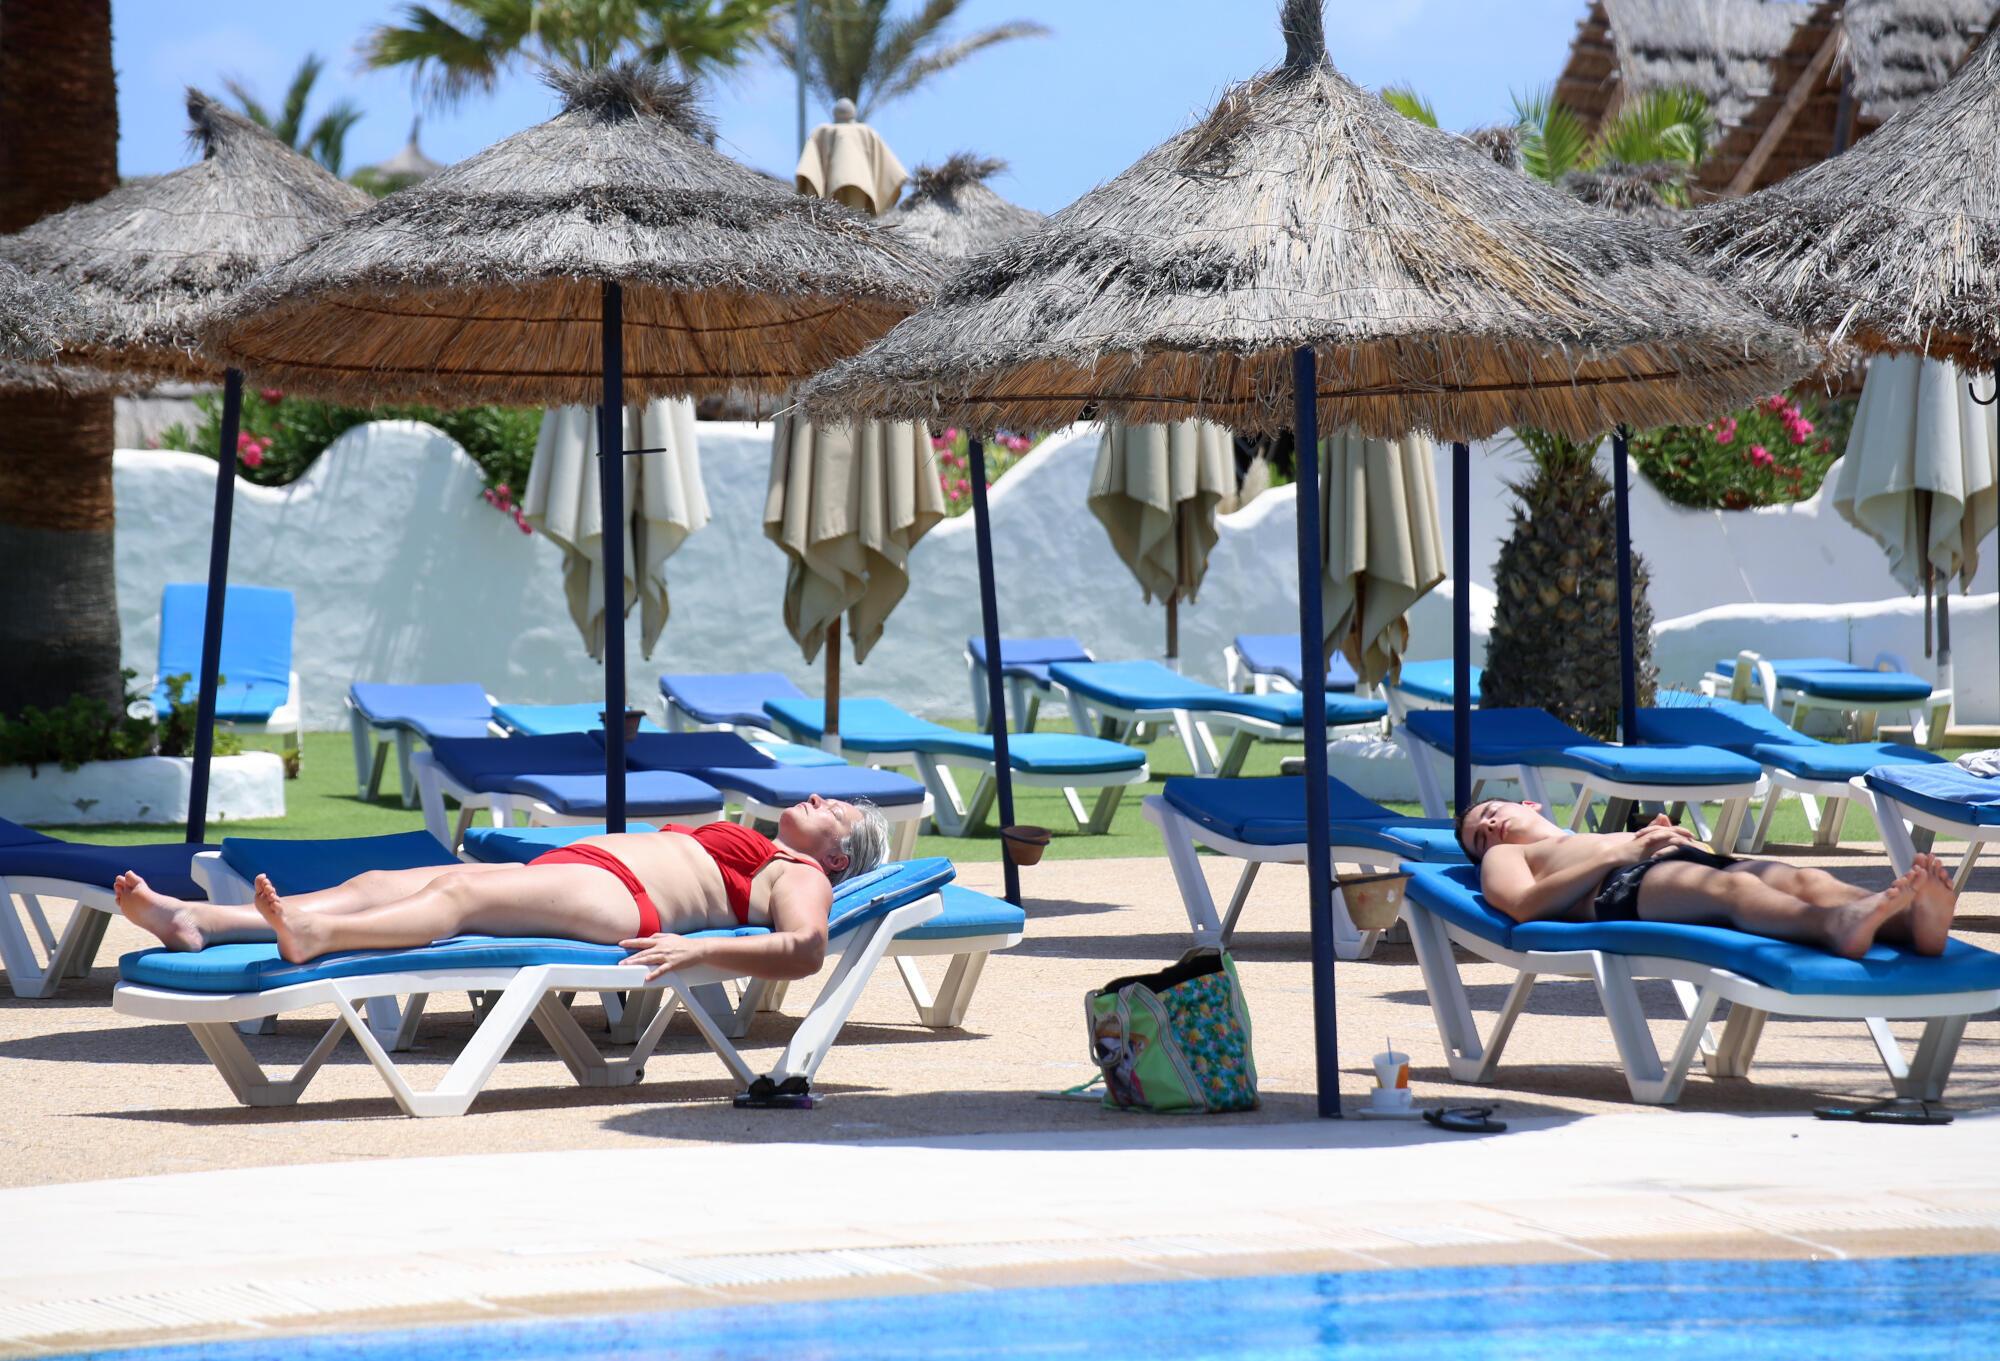 Des touristes européens profitent du soleil au bord de la piscine d'un hôtel sur l'ile de Djerba, en Tunisie le 18 juillet 2020